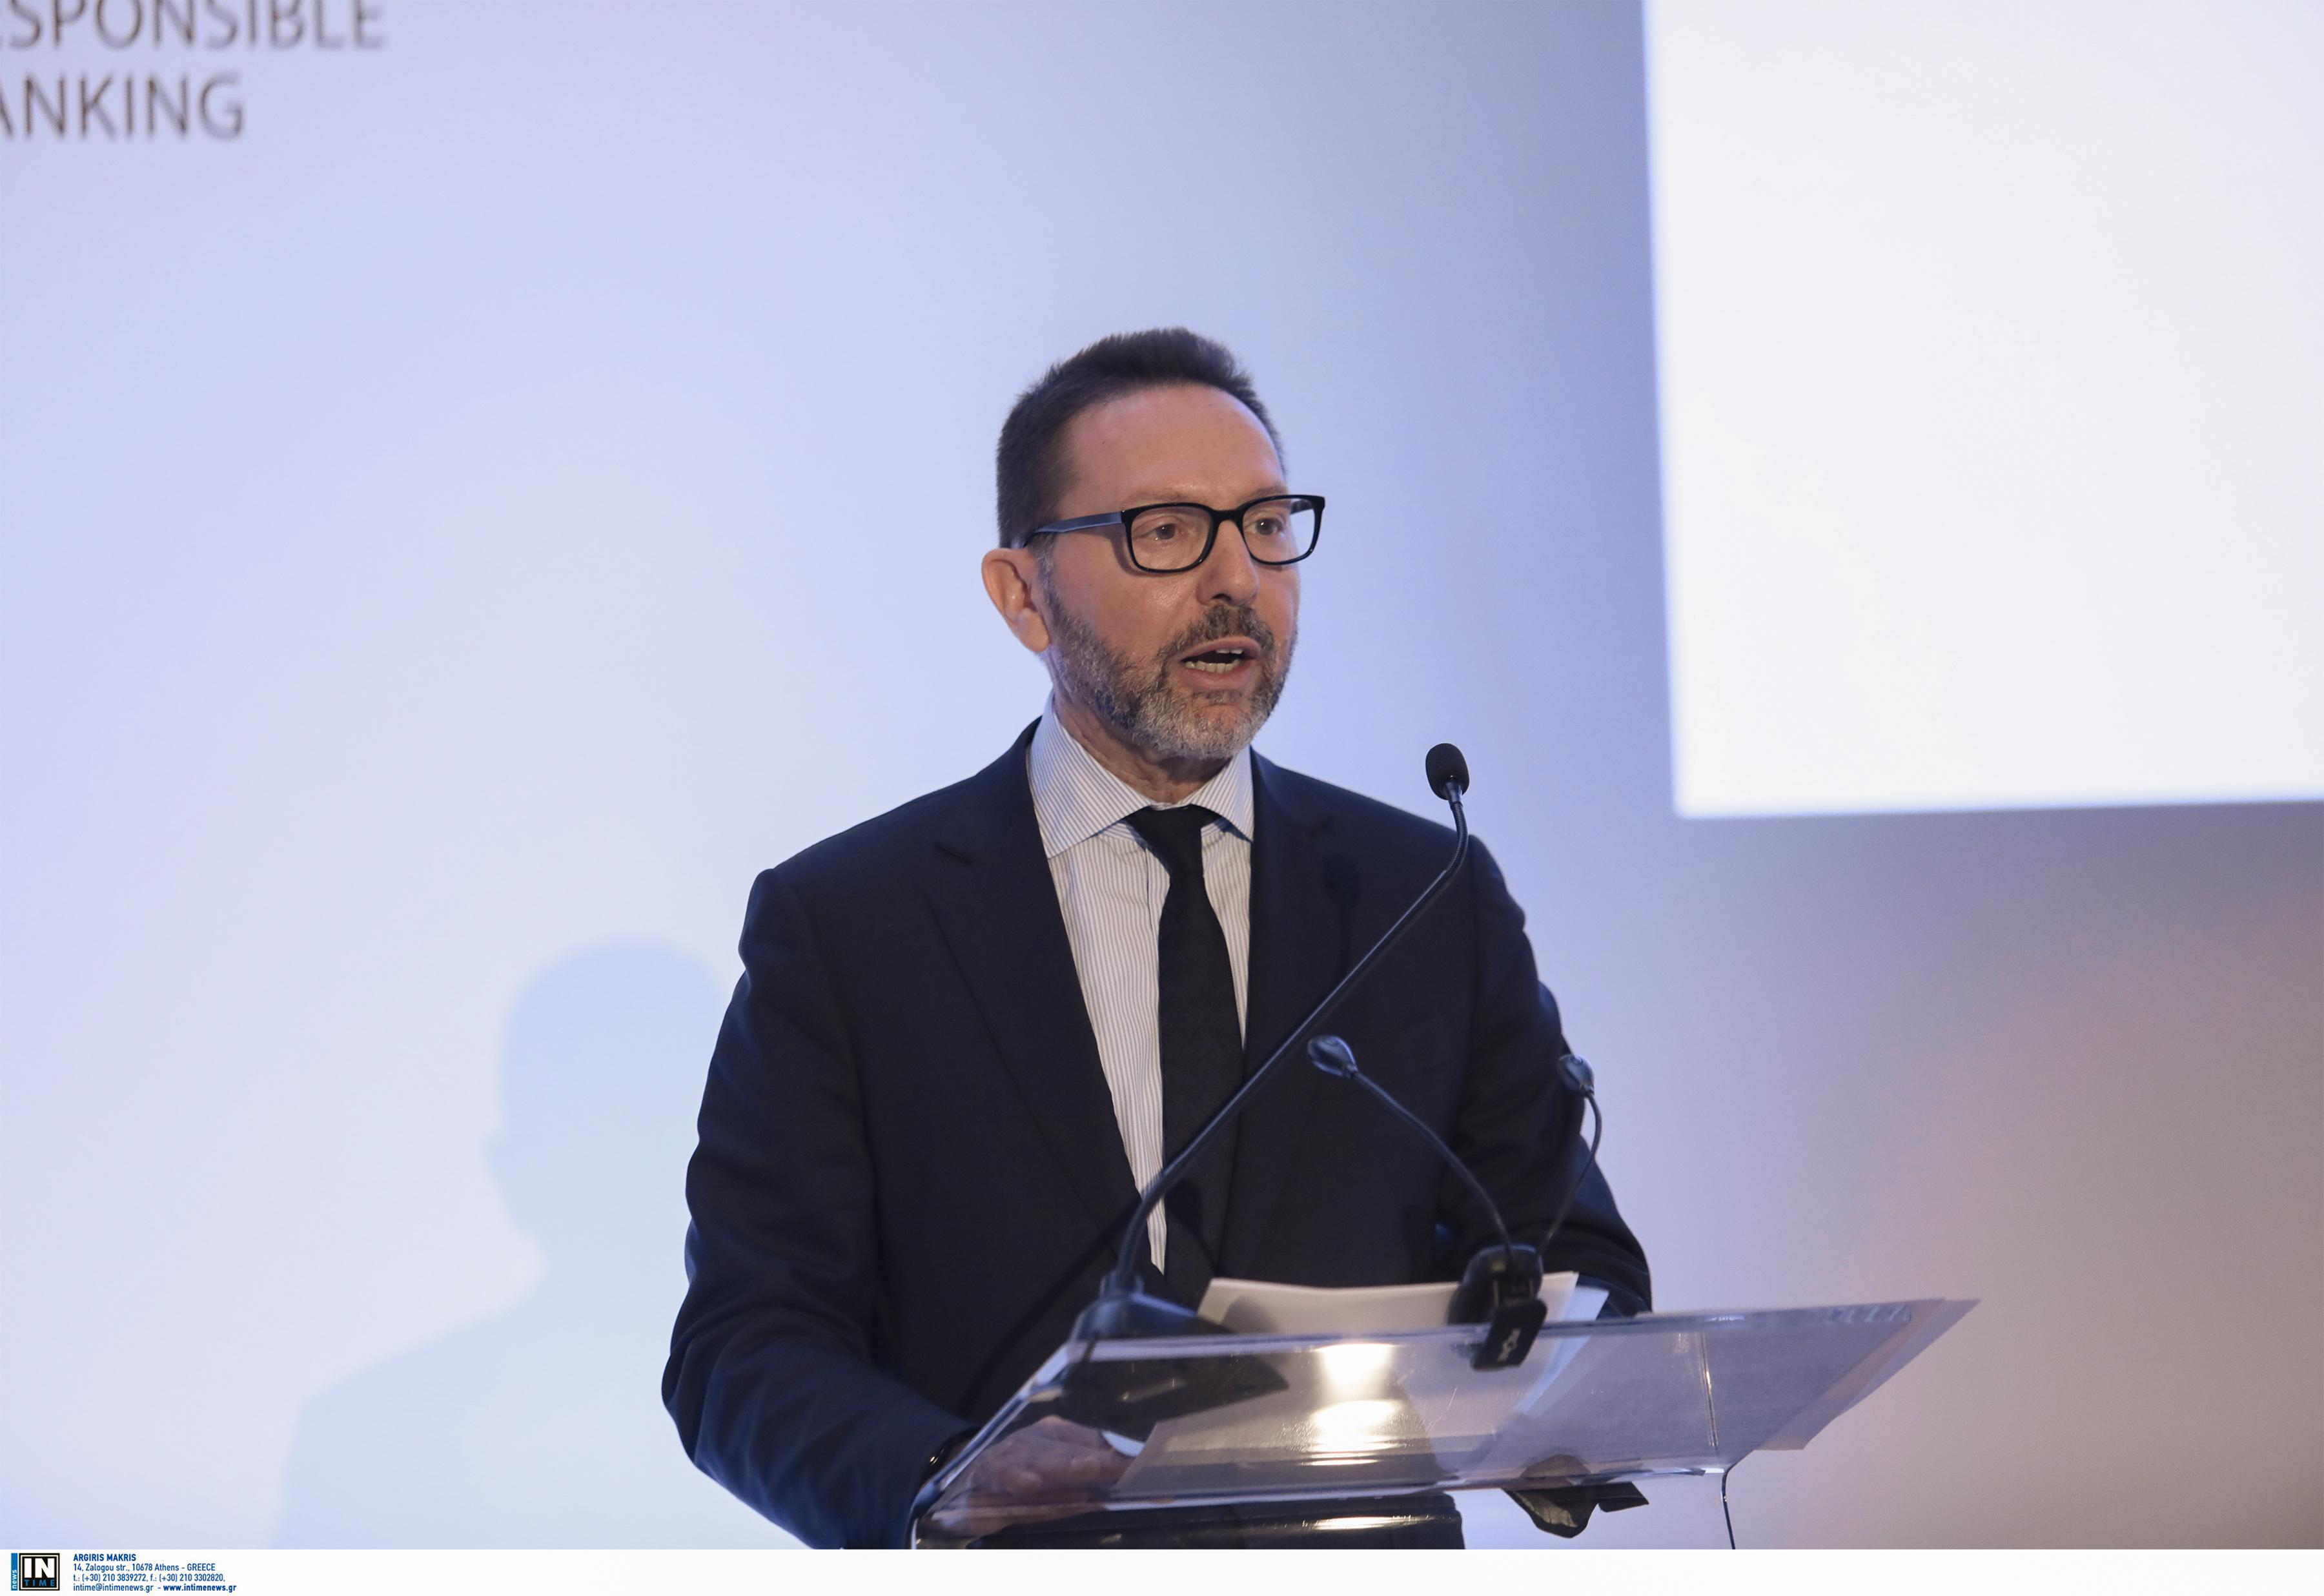 Στουρνάρας: Αναγκαία η μεταρρύθμιση του συστήματος επικουρικής ασφάλισης